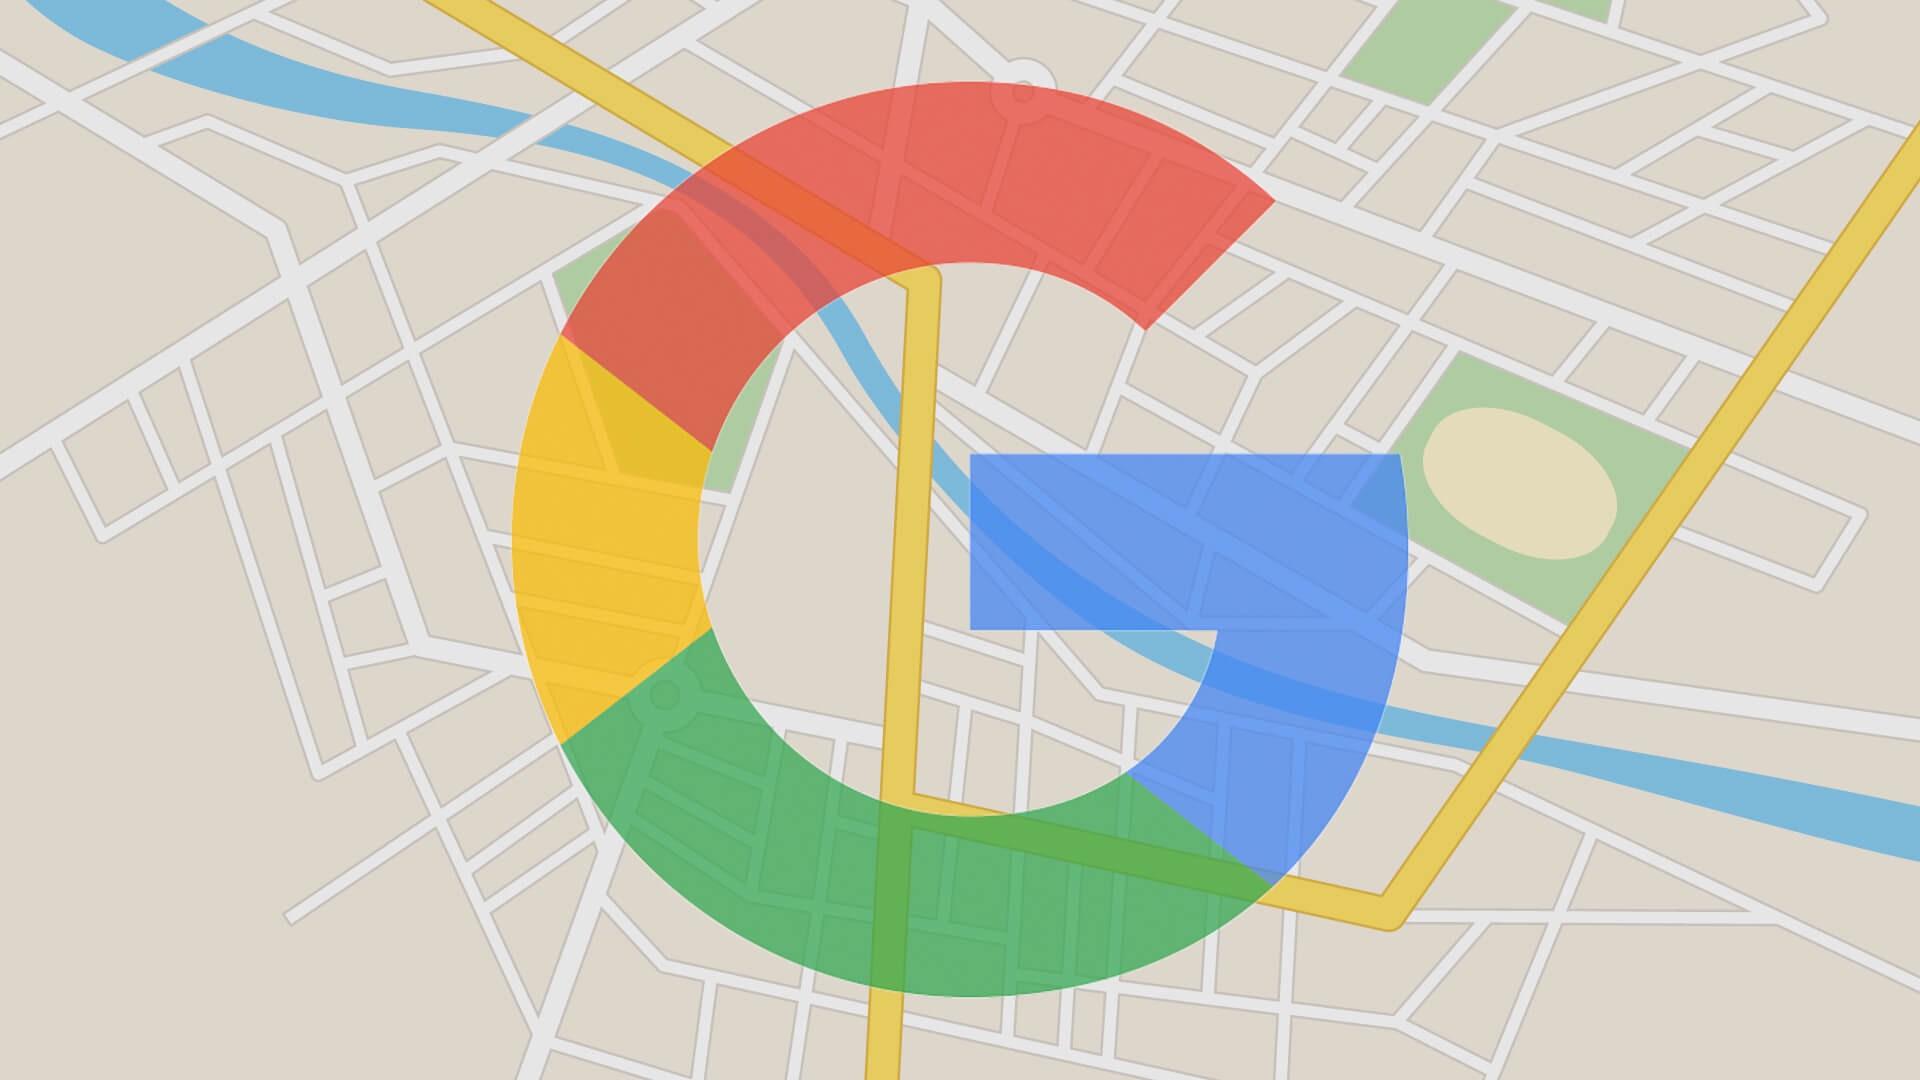 Mapy Google wkrótce skończą 15 lat - co przyniesie jubileuszowa aktualizacja? 30